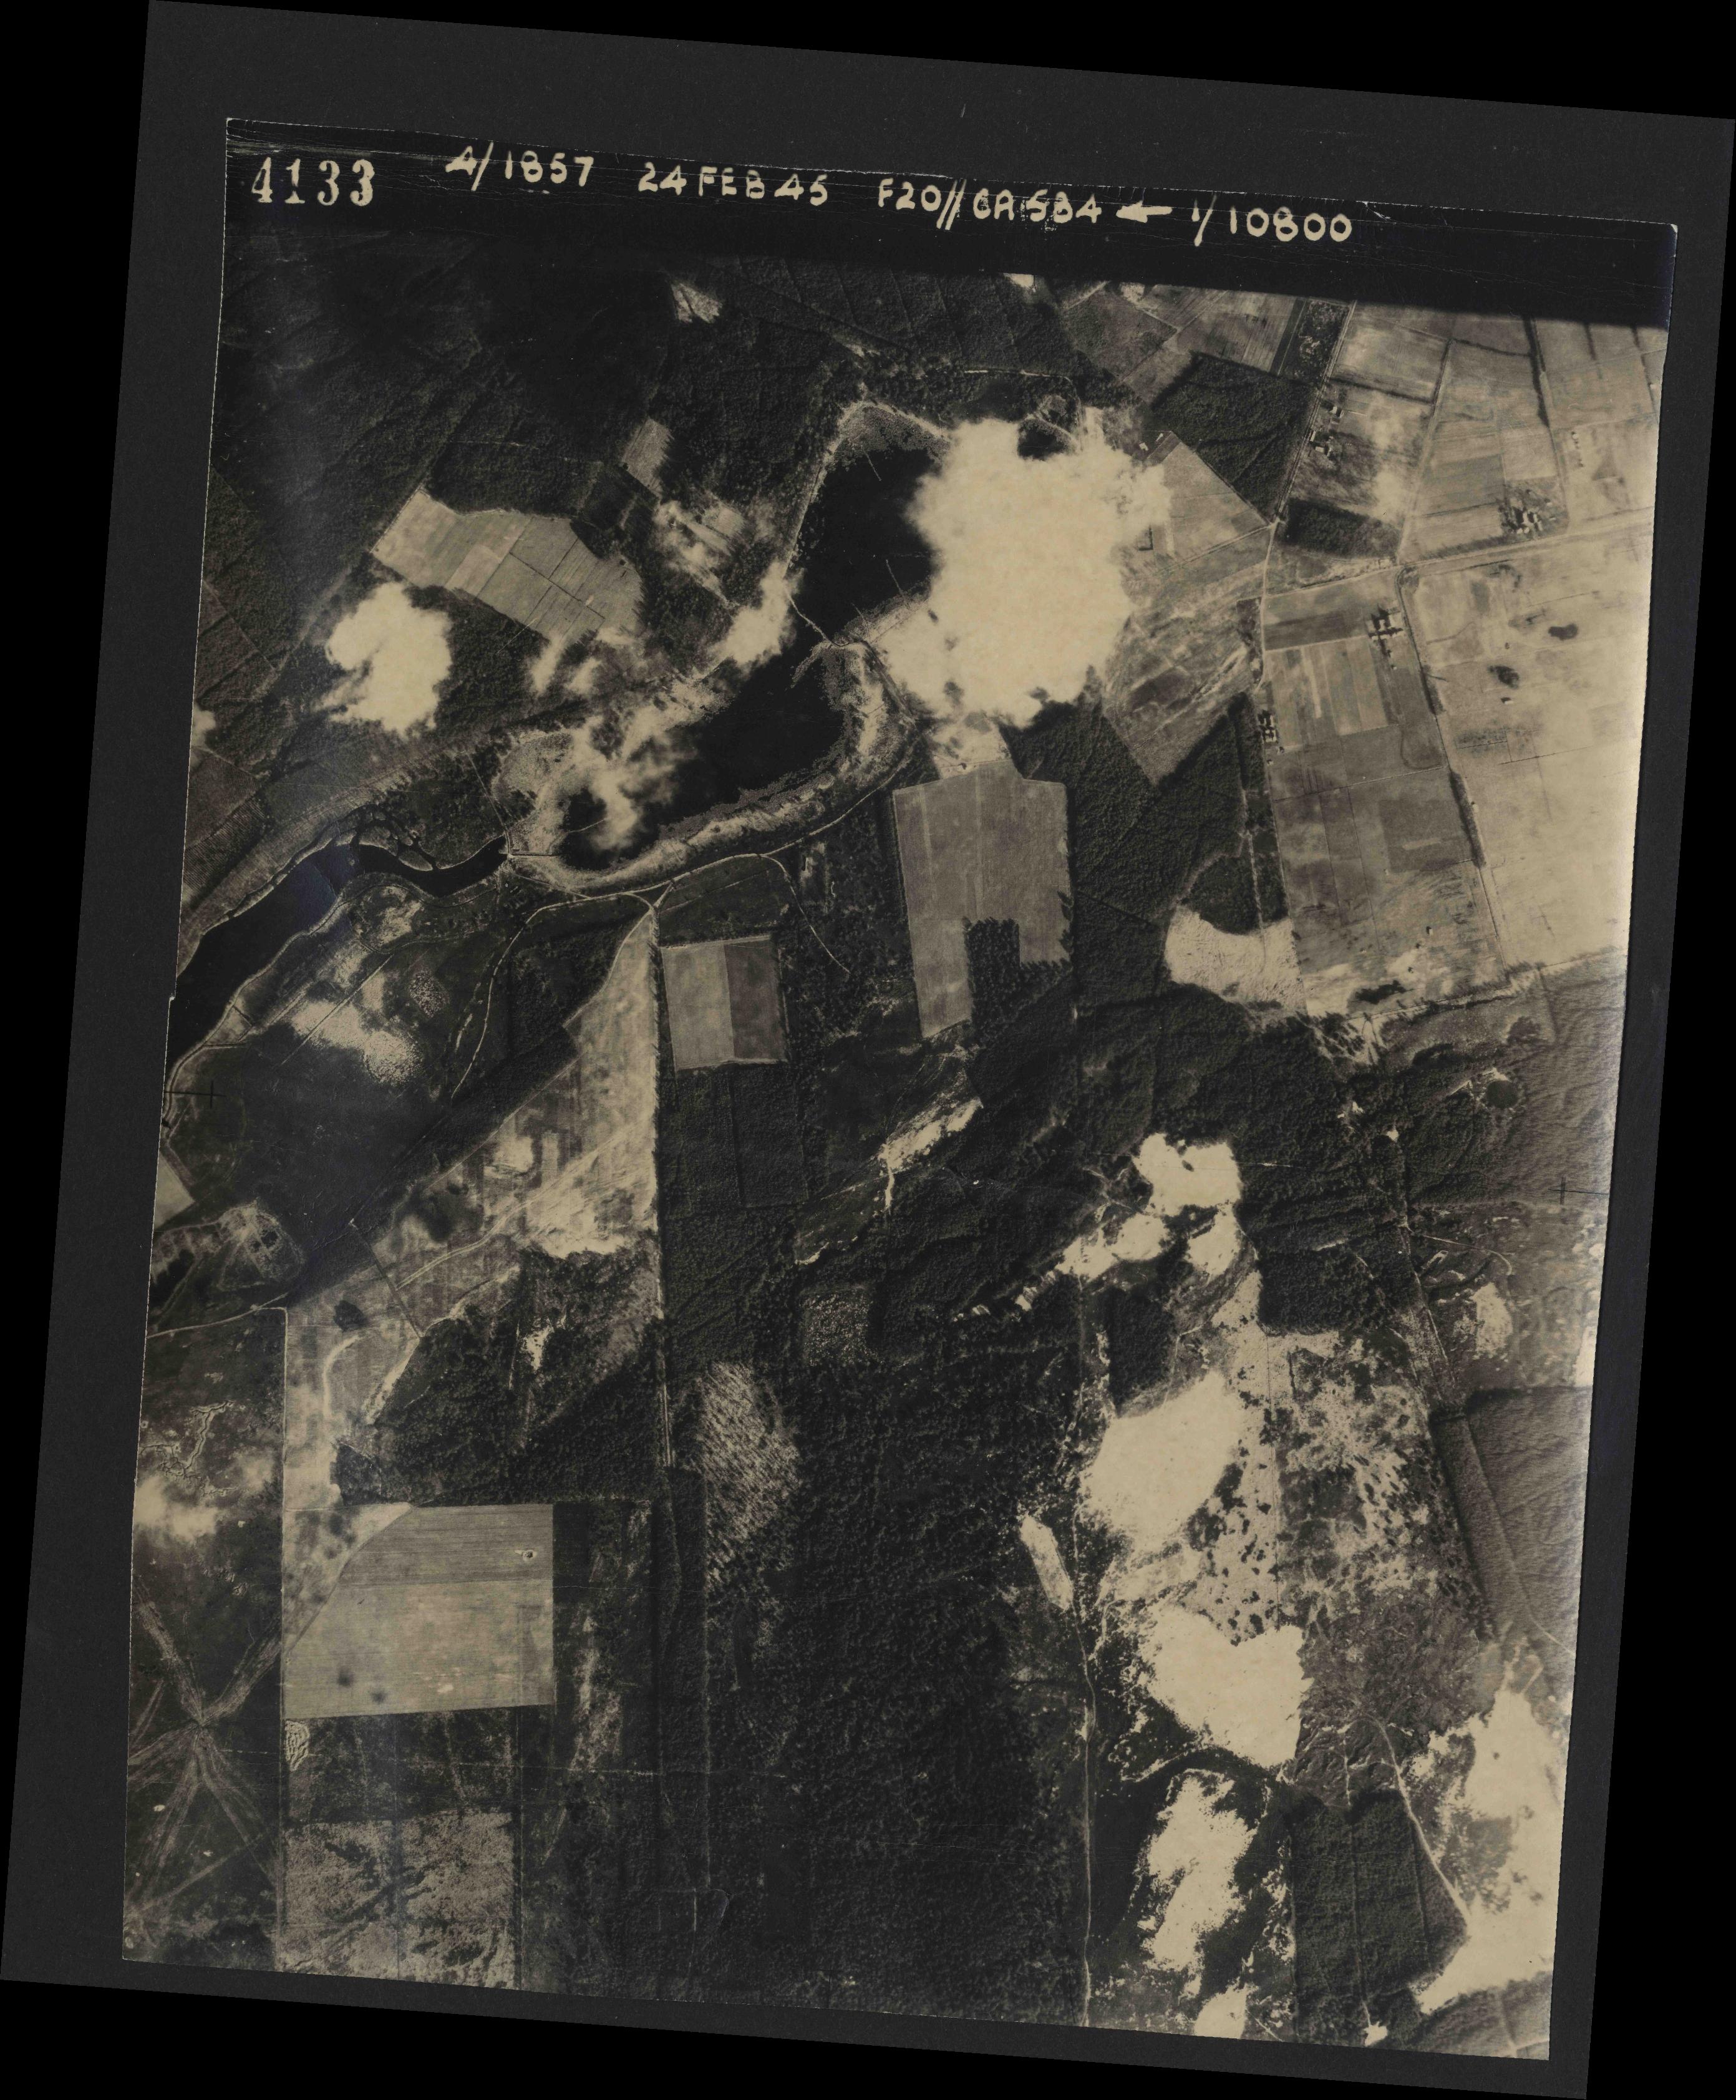 Collection RAF aerial photos 1940-1945 - flight 073, run 01, photo 4133